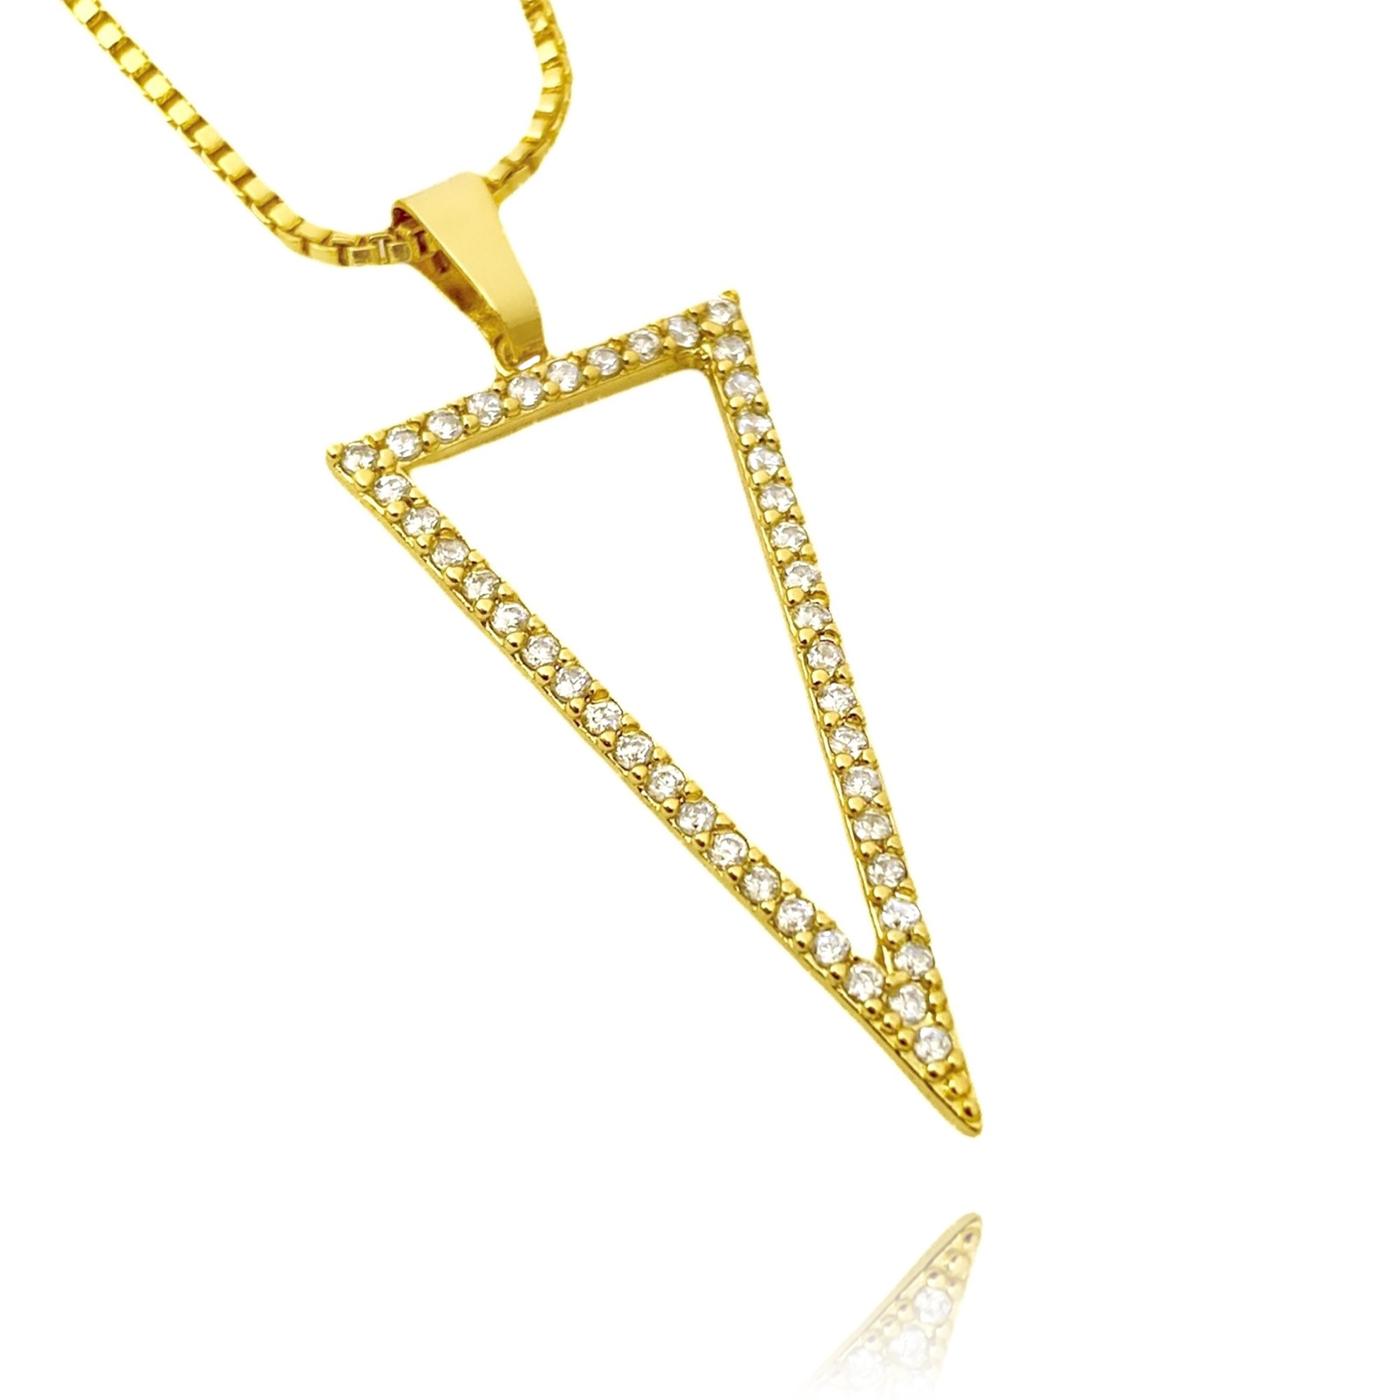 Pingente Triângulo Invertido Cravejado em Zircônia (Banho Ouro 24k)